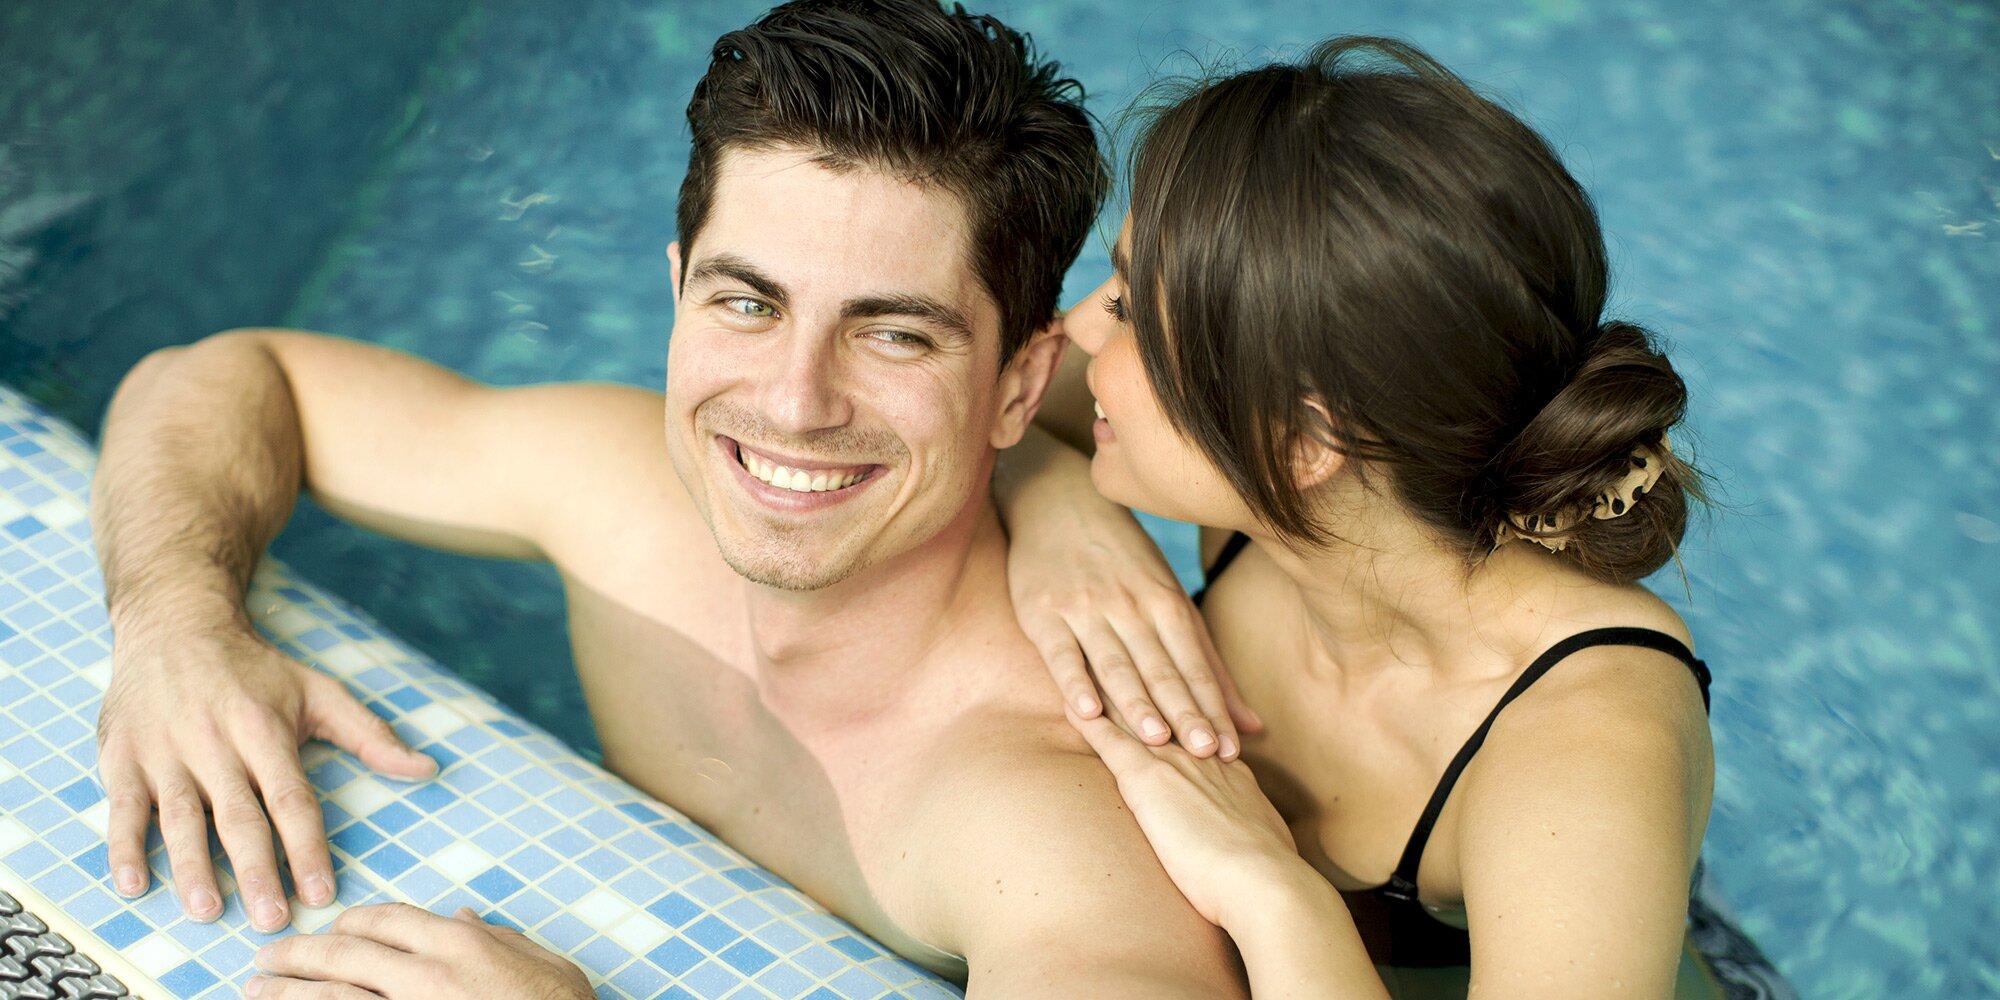 Двое в бассейне картинки